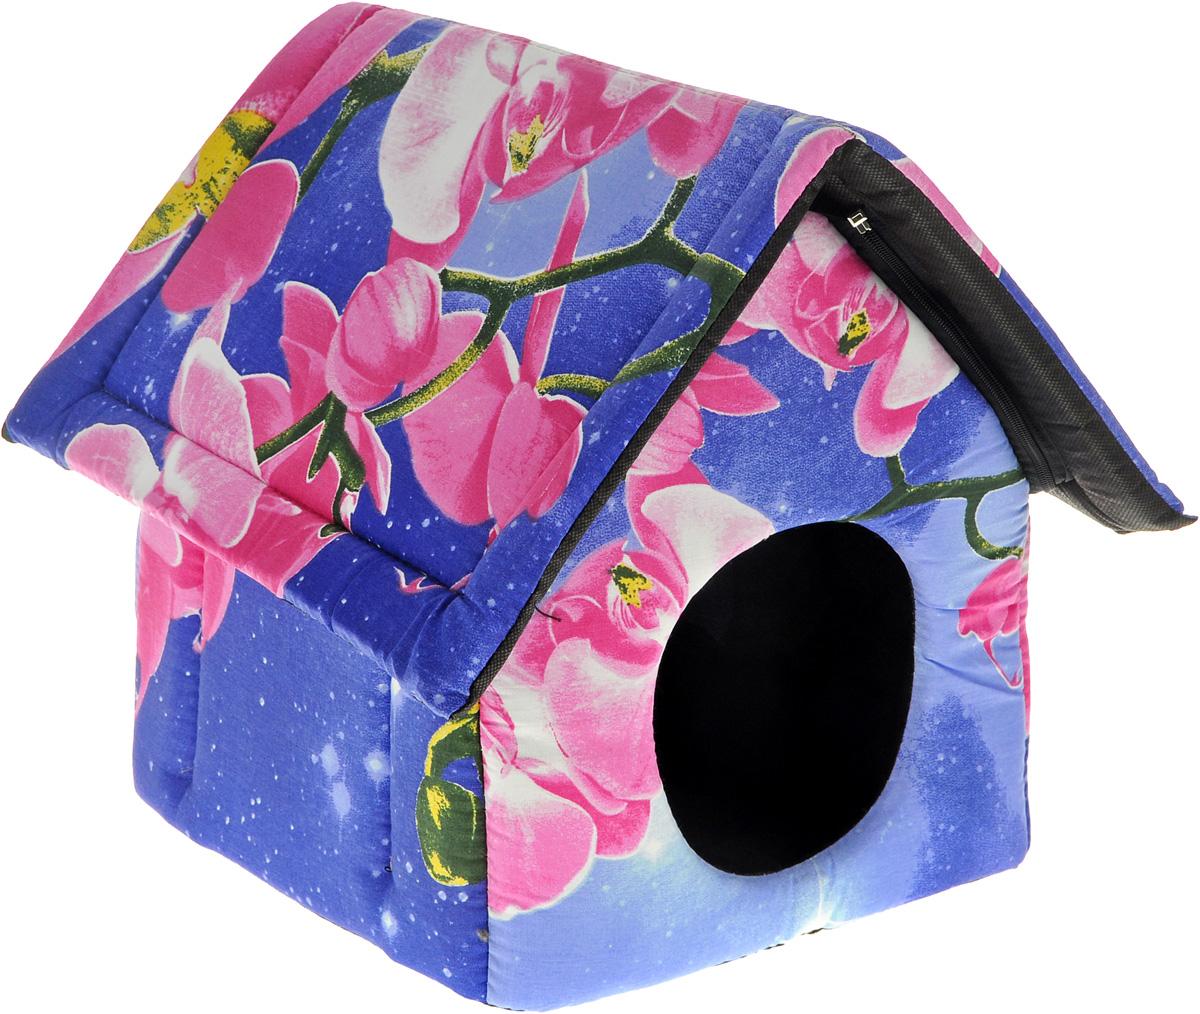 Лежак для животных Elite Valley Домик, цвет: фиолетовый, 34 х 32 х 35 см. Л15/1Л15/1 Лежак закрытый домик _ орхидея на фиолетовом, материал бязь, поролонЛежак закрытый домик _ орхидея на фиолетовом, материал бязь, поролон